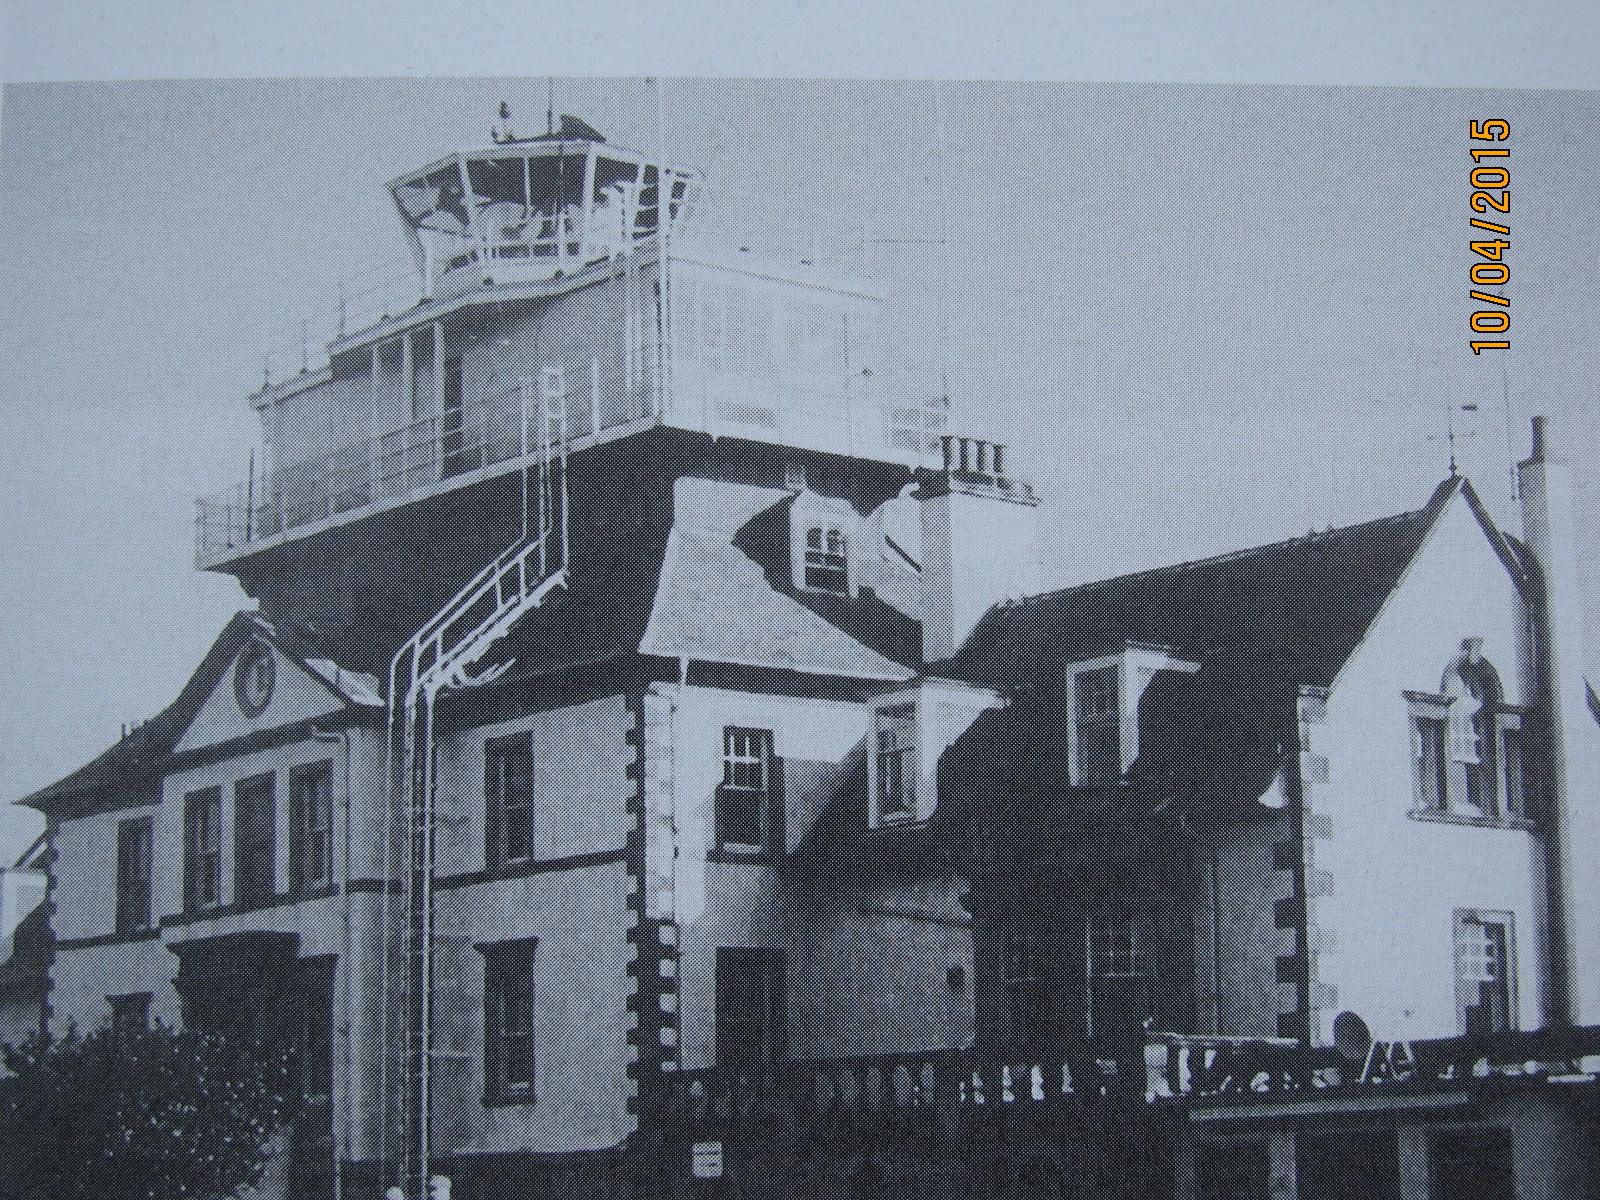 PK tower on orangefield hotel